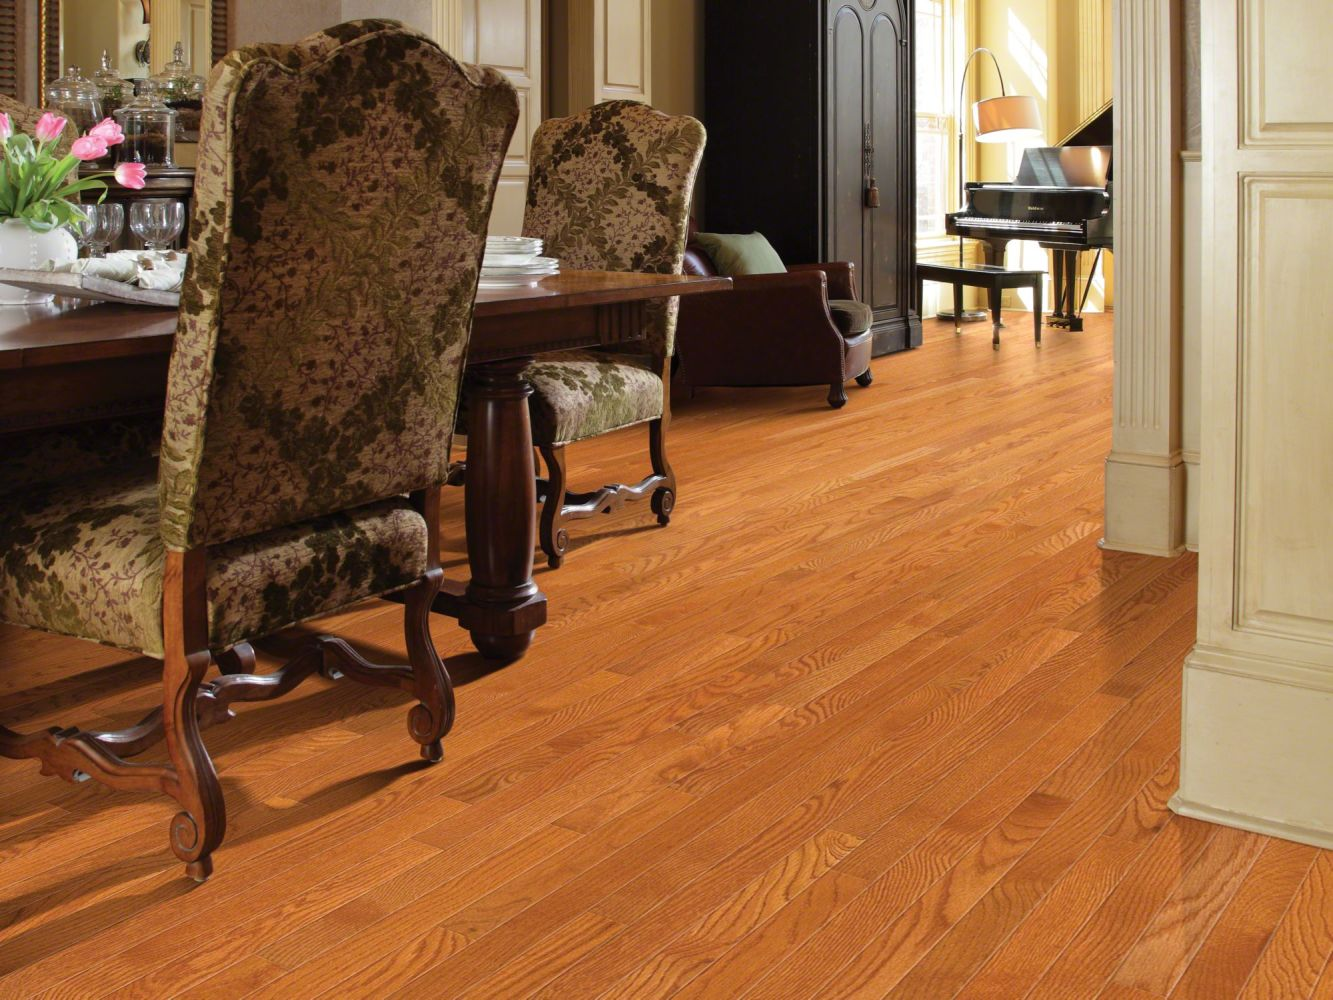 Shaw Floors Dr Horton Blairsville 2.25 Gunstock 00609_DR649